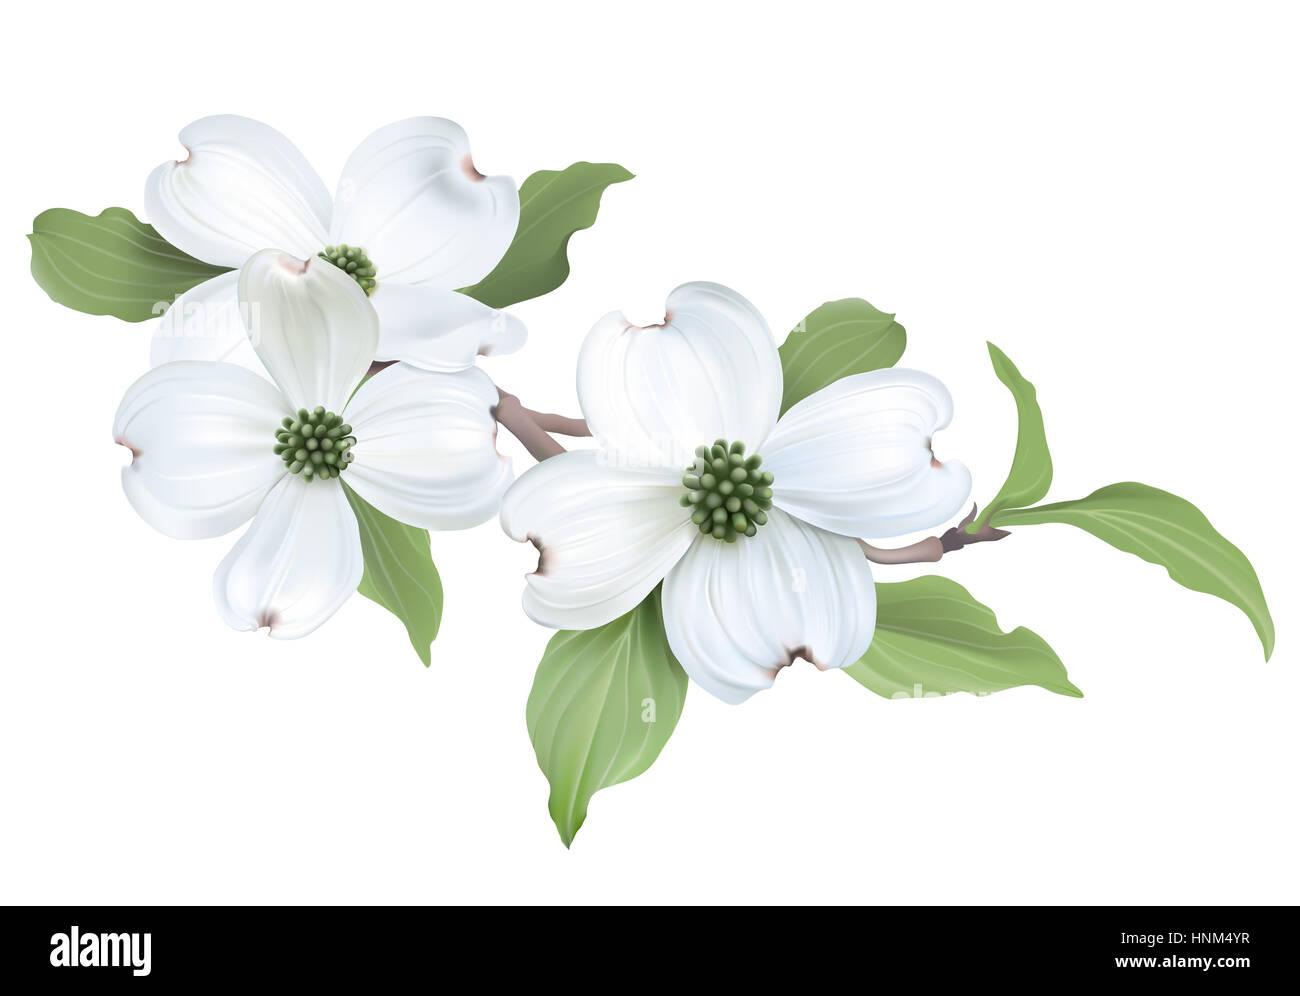 White Dogwood Cornus Florida Flowers Digital Illustration On